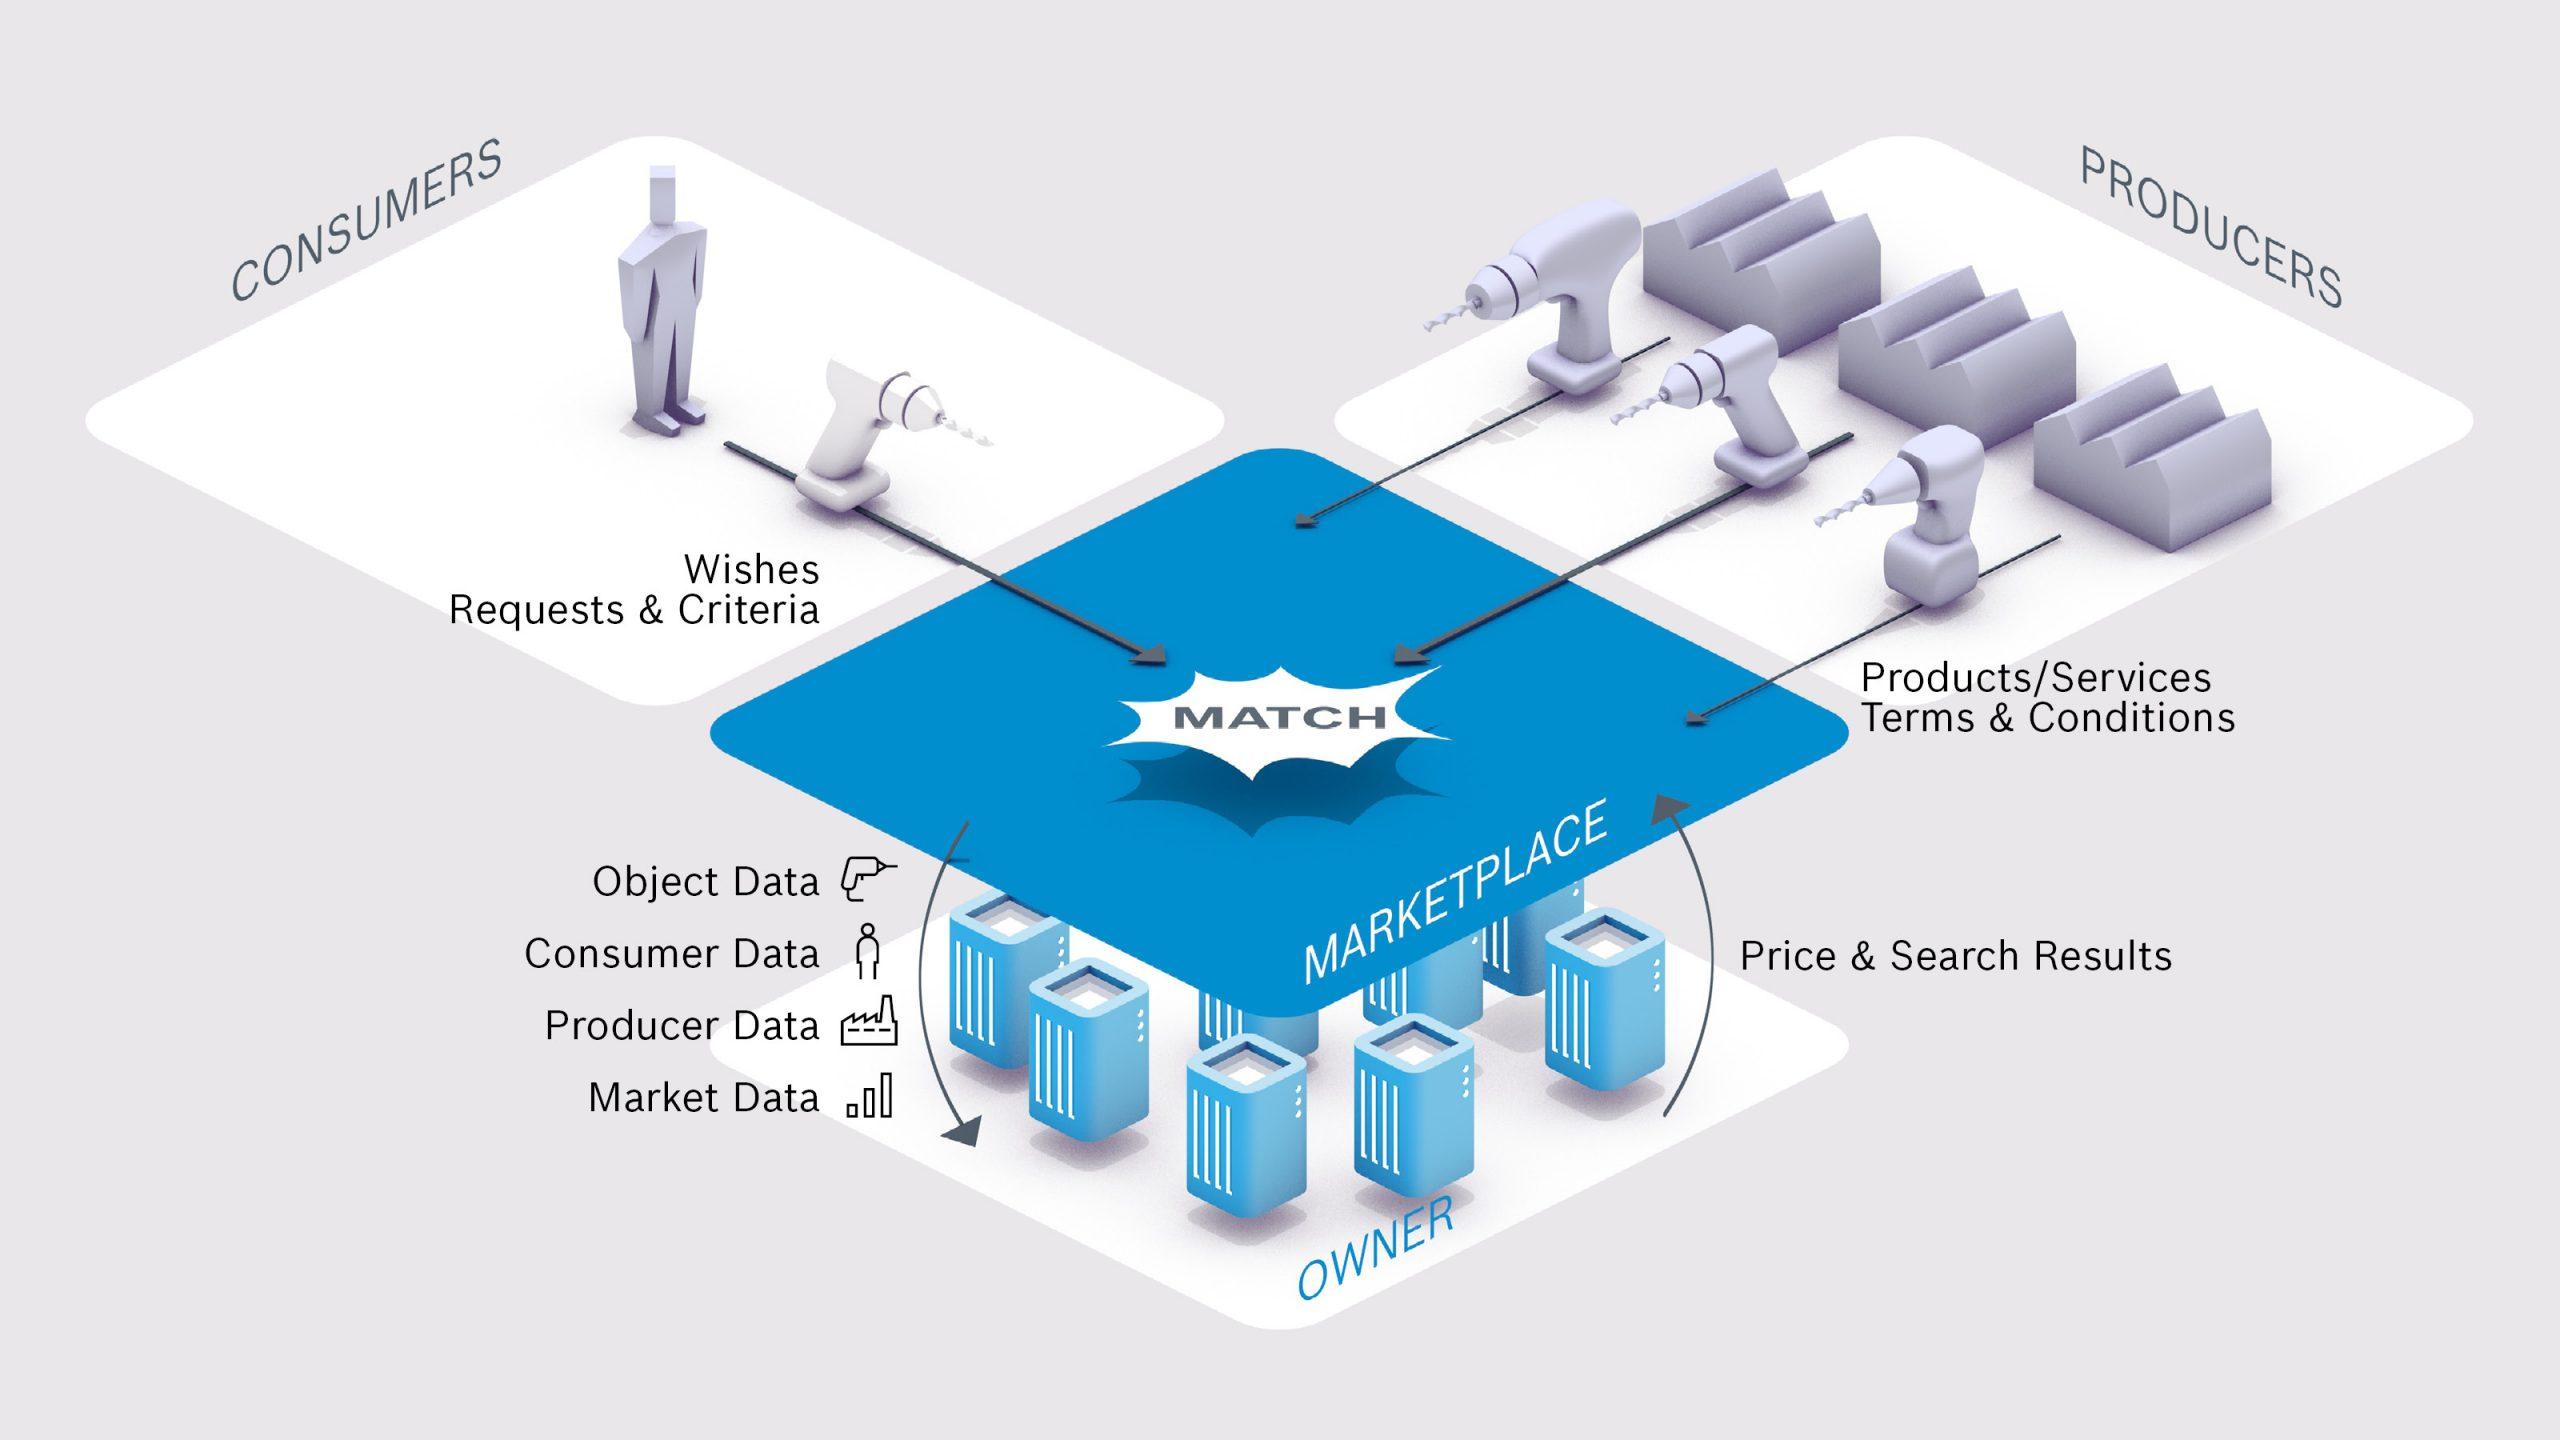 Auf digitalen Marktplätzen bringen Plattformbetreiber Kunden und Produzenten zusammen. Für ein solches Match spielen verschiedene Daten eine Rolle - beispielsweise die Art der Anfrage oder das Marktwissen um spezifische Angebote. (Bild: Robert Bosch GmbH)